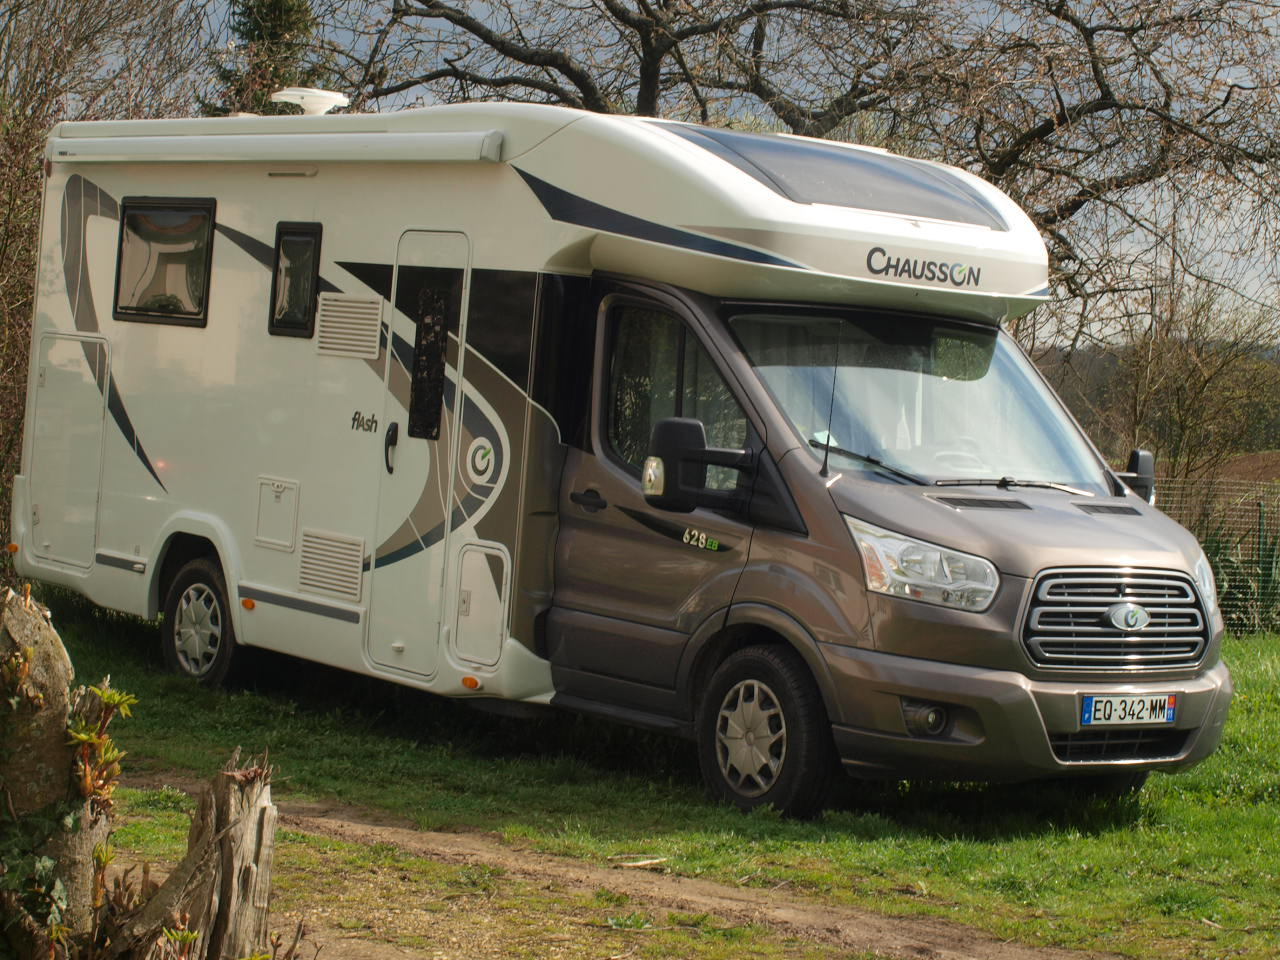 camping-car CHAUSSON FLASH 628 EB  extérieur / arrière